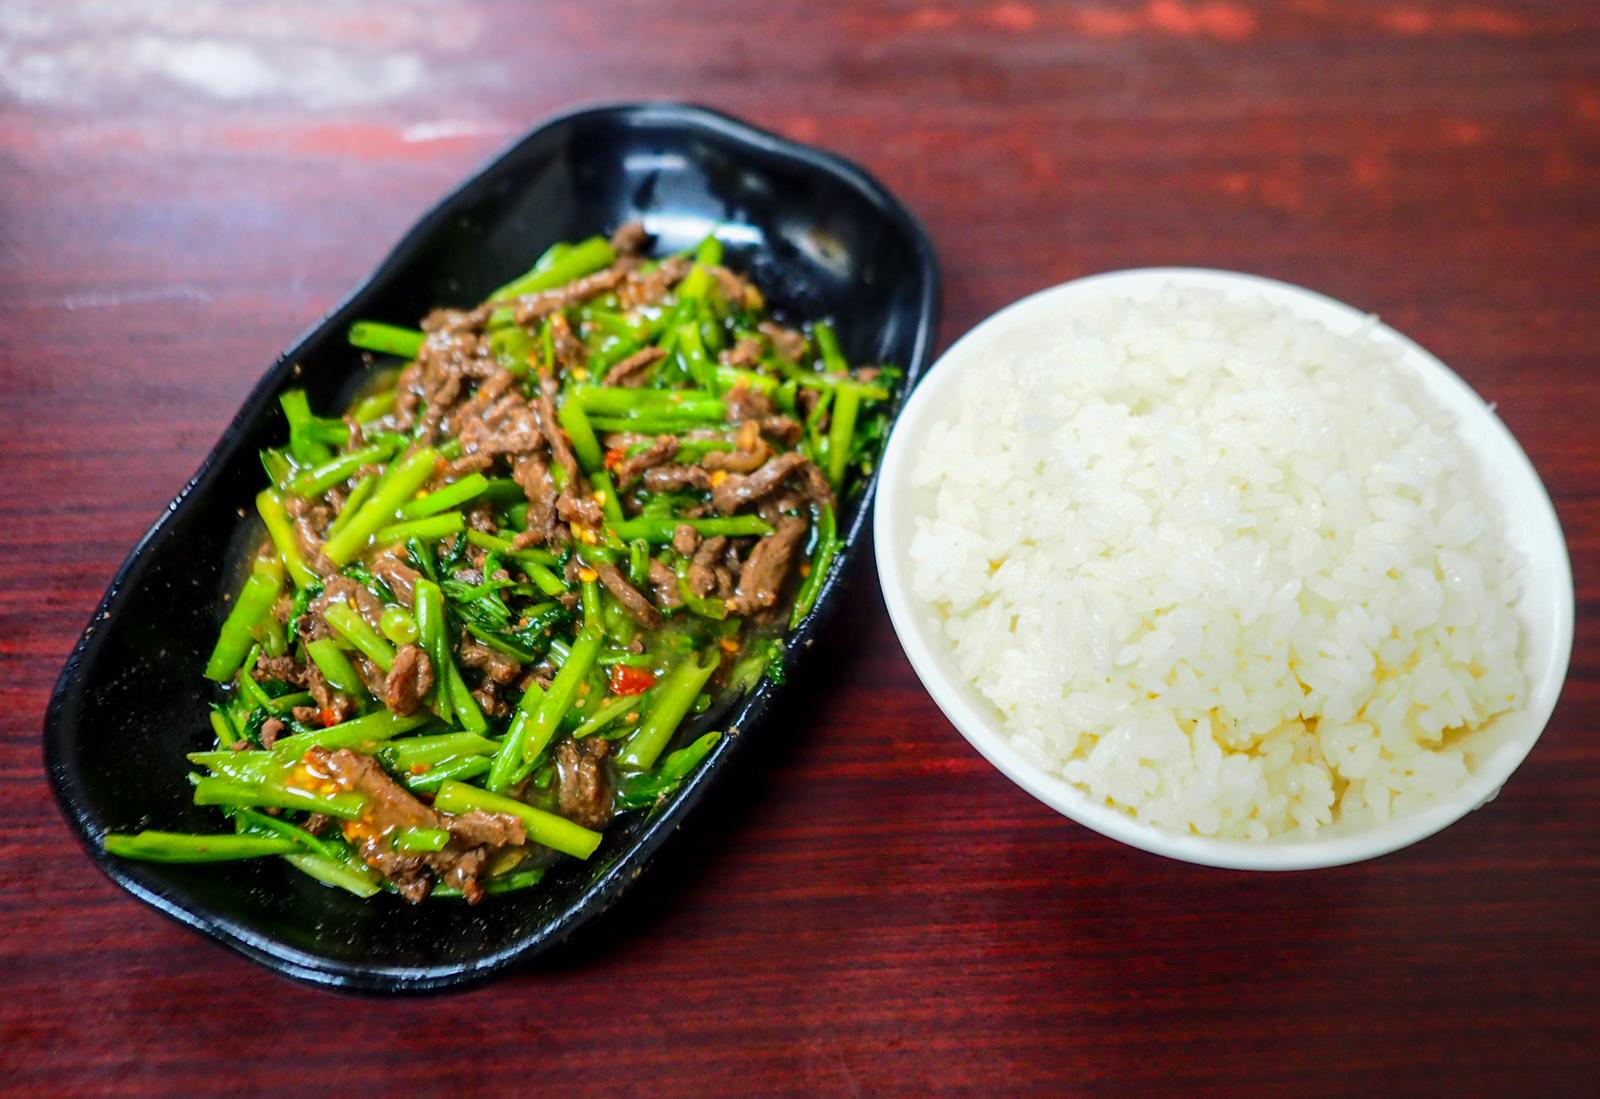 【南港美食】只賣三樣主食不用挑 南港炒牛肉數十年的好味道